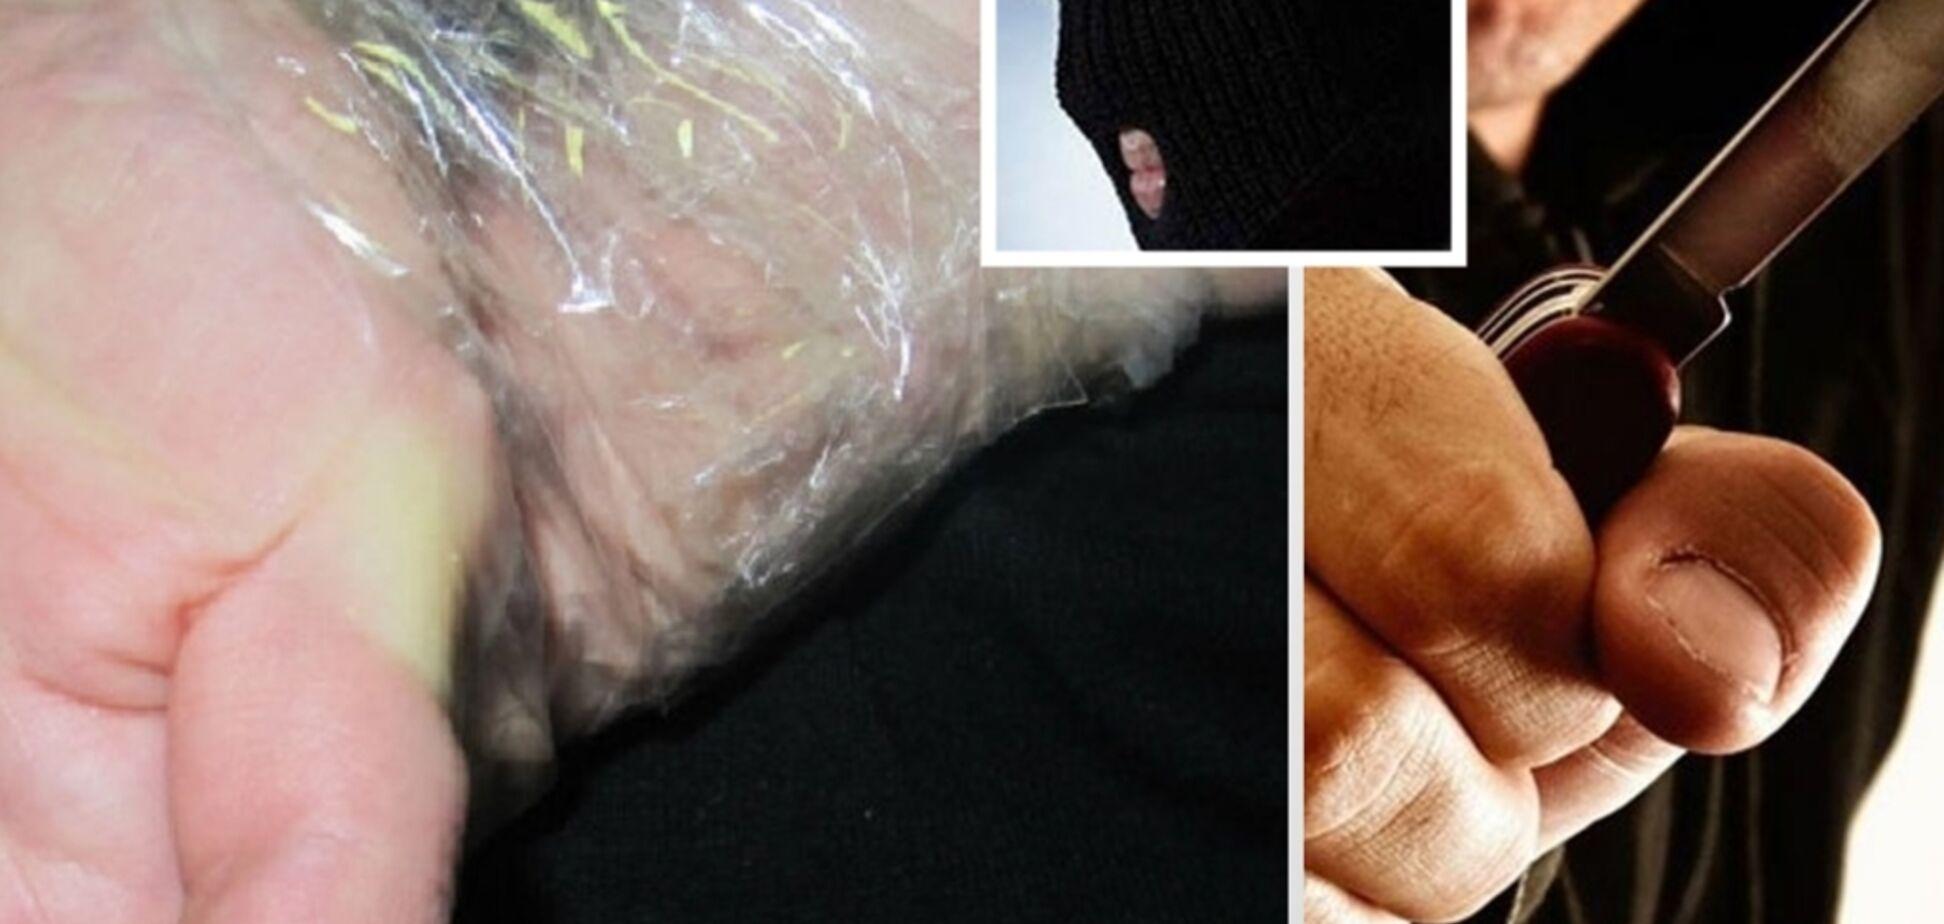 Зарізали на очах сім'ї: на Дніпропетровщині вбили депутата. Подробиці жорстокого нападу